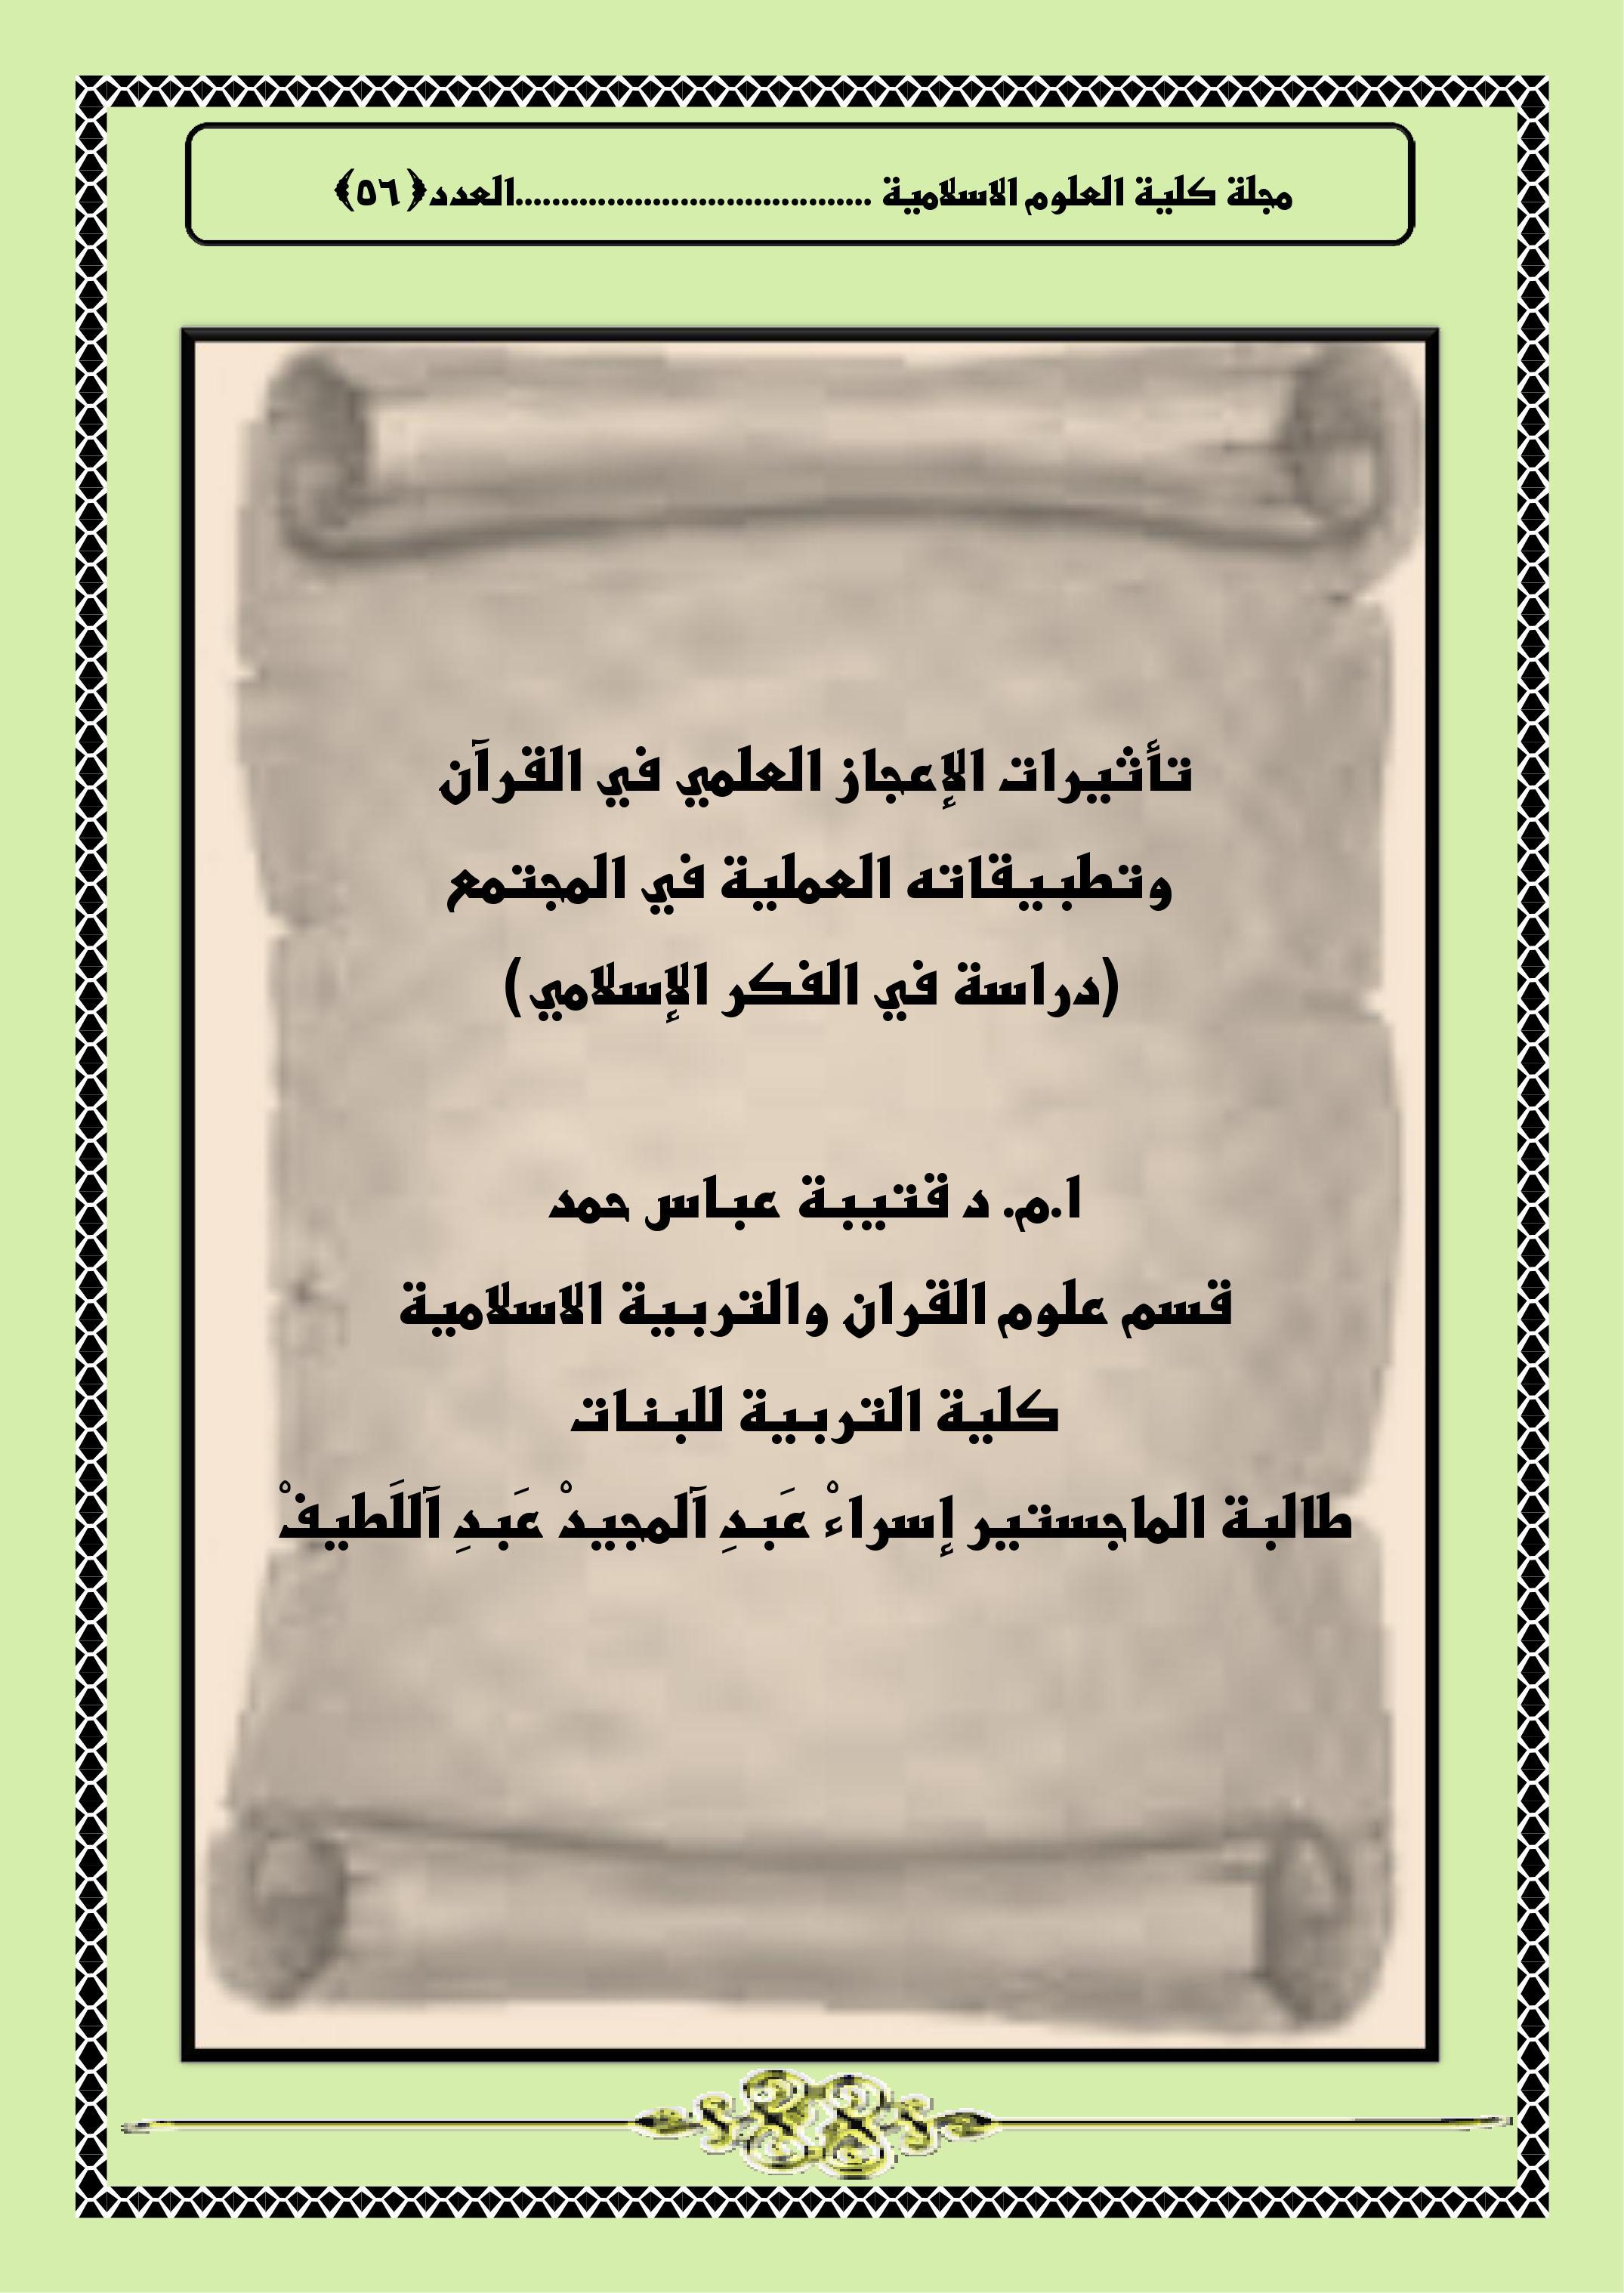 تأثيرات الإعجاز العلمي في القرآن  وتطبيقاته العملية في المجتمع (دراسة في الفكر الإسلامي)